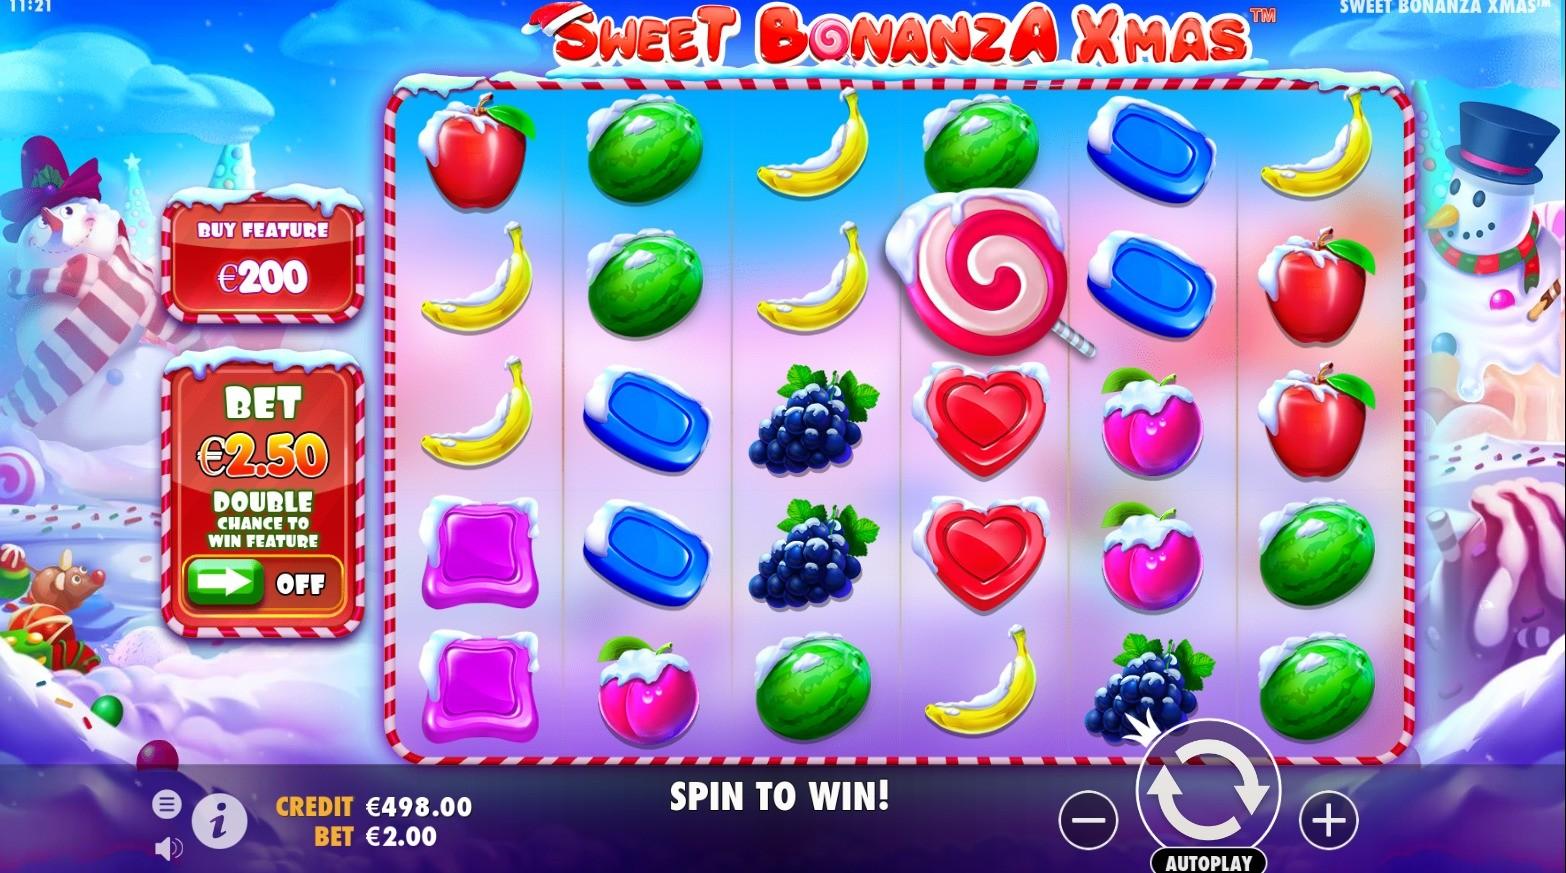 สล็อต SWEET BANANZA เกมส์สล็อตสุดน่ารัก สุดแบ๊ว ที่มาแรงสุด ๆ